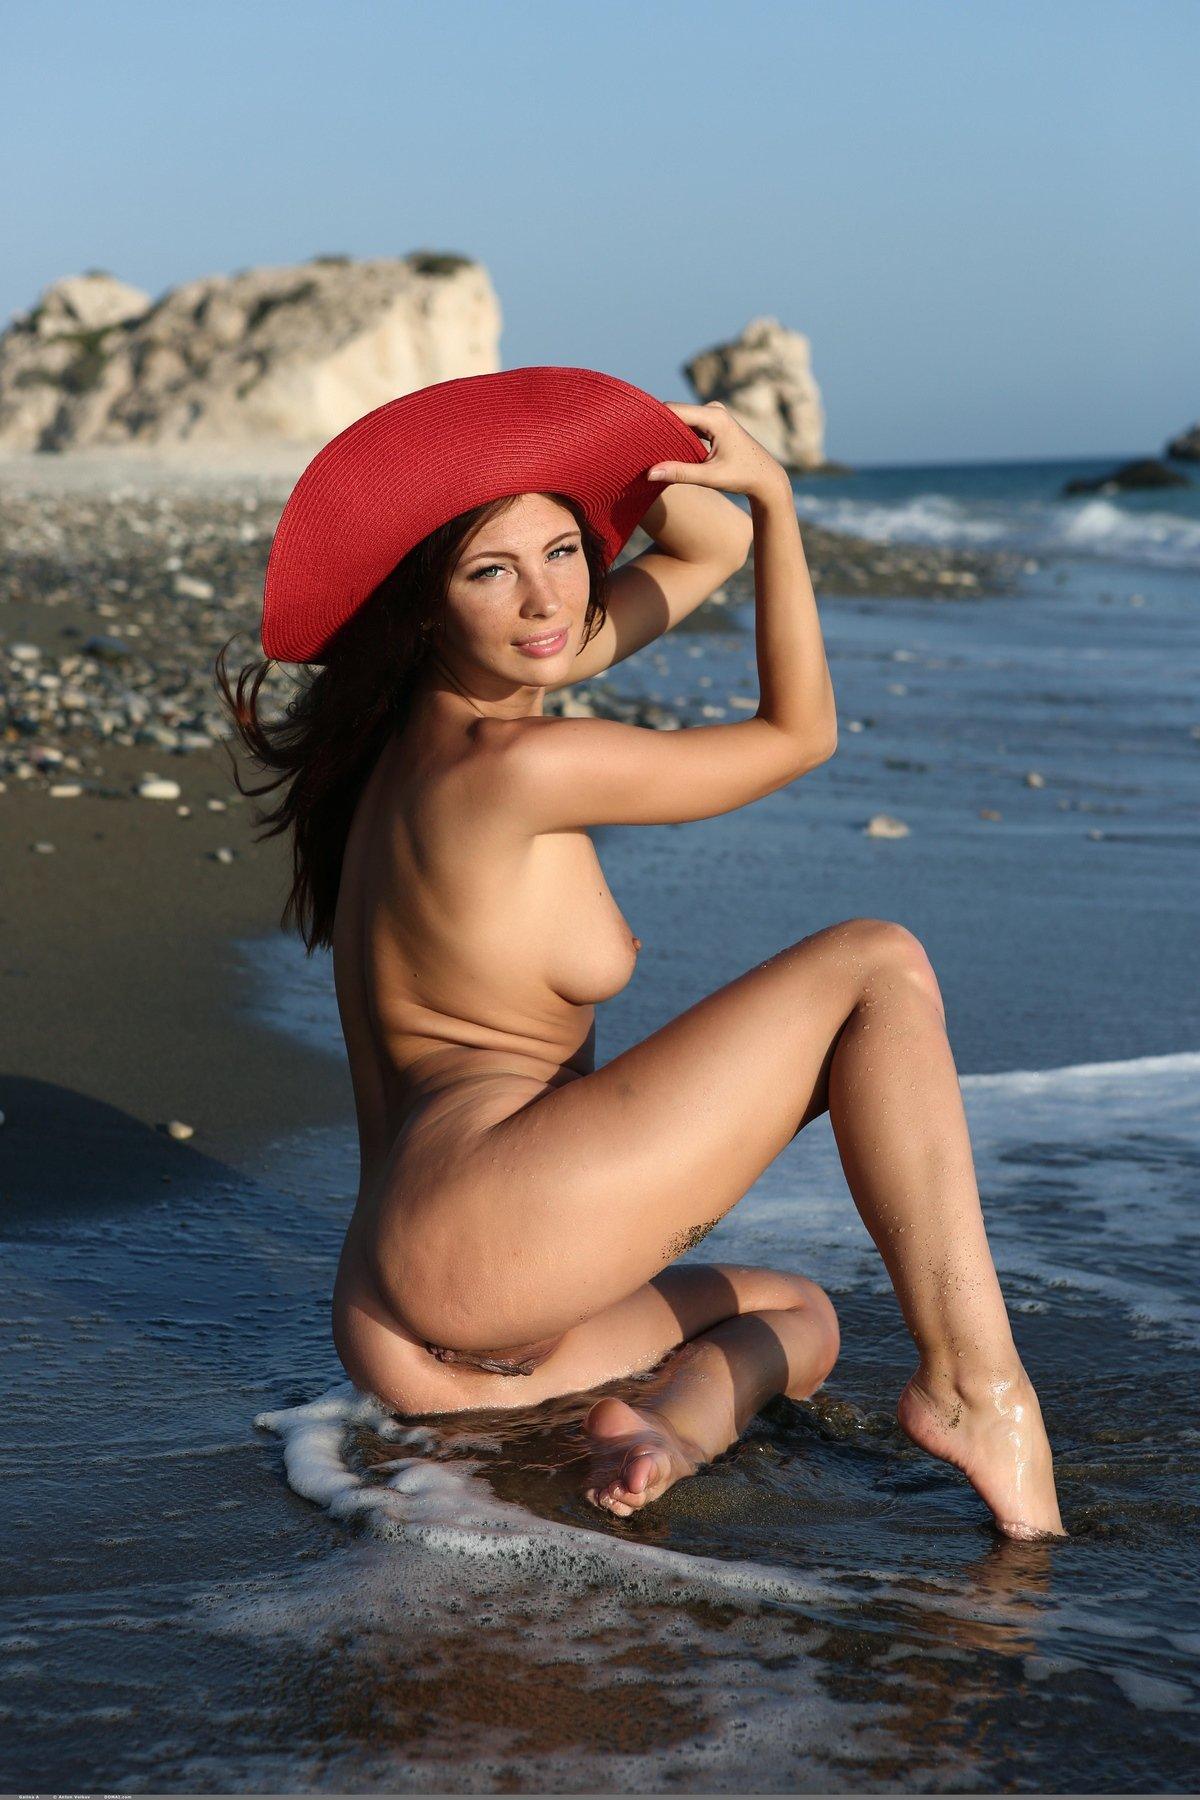 Голая красоточка в красной шляпе на пляже